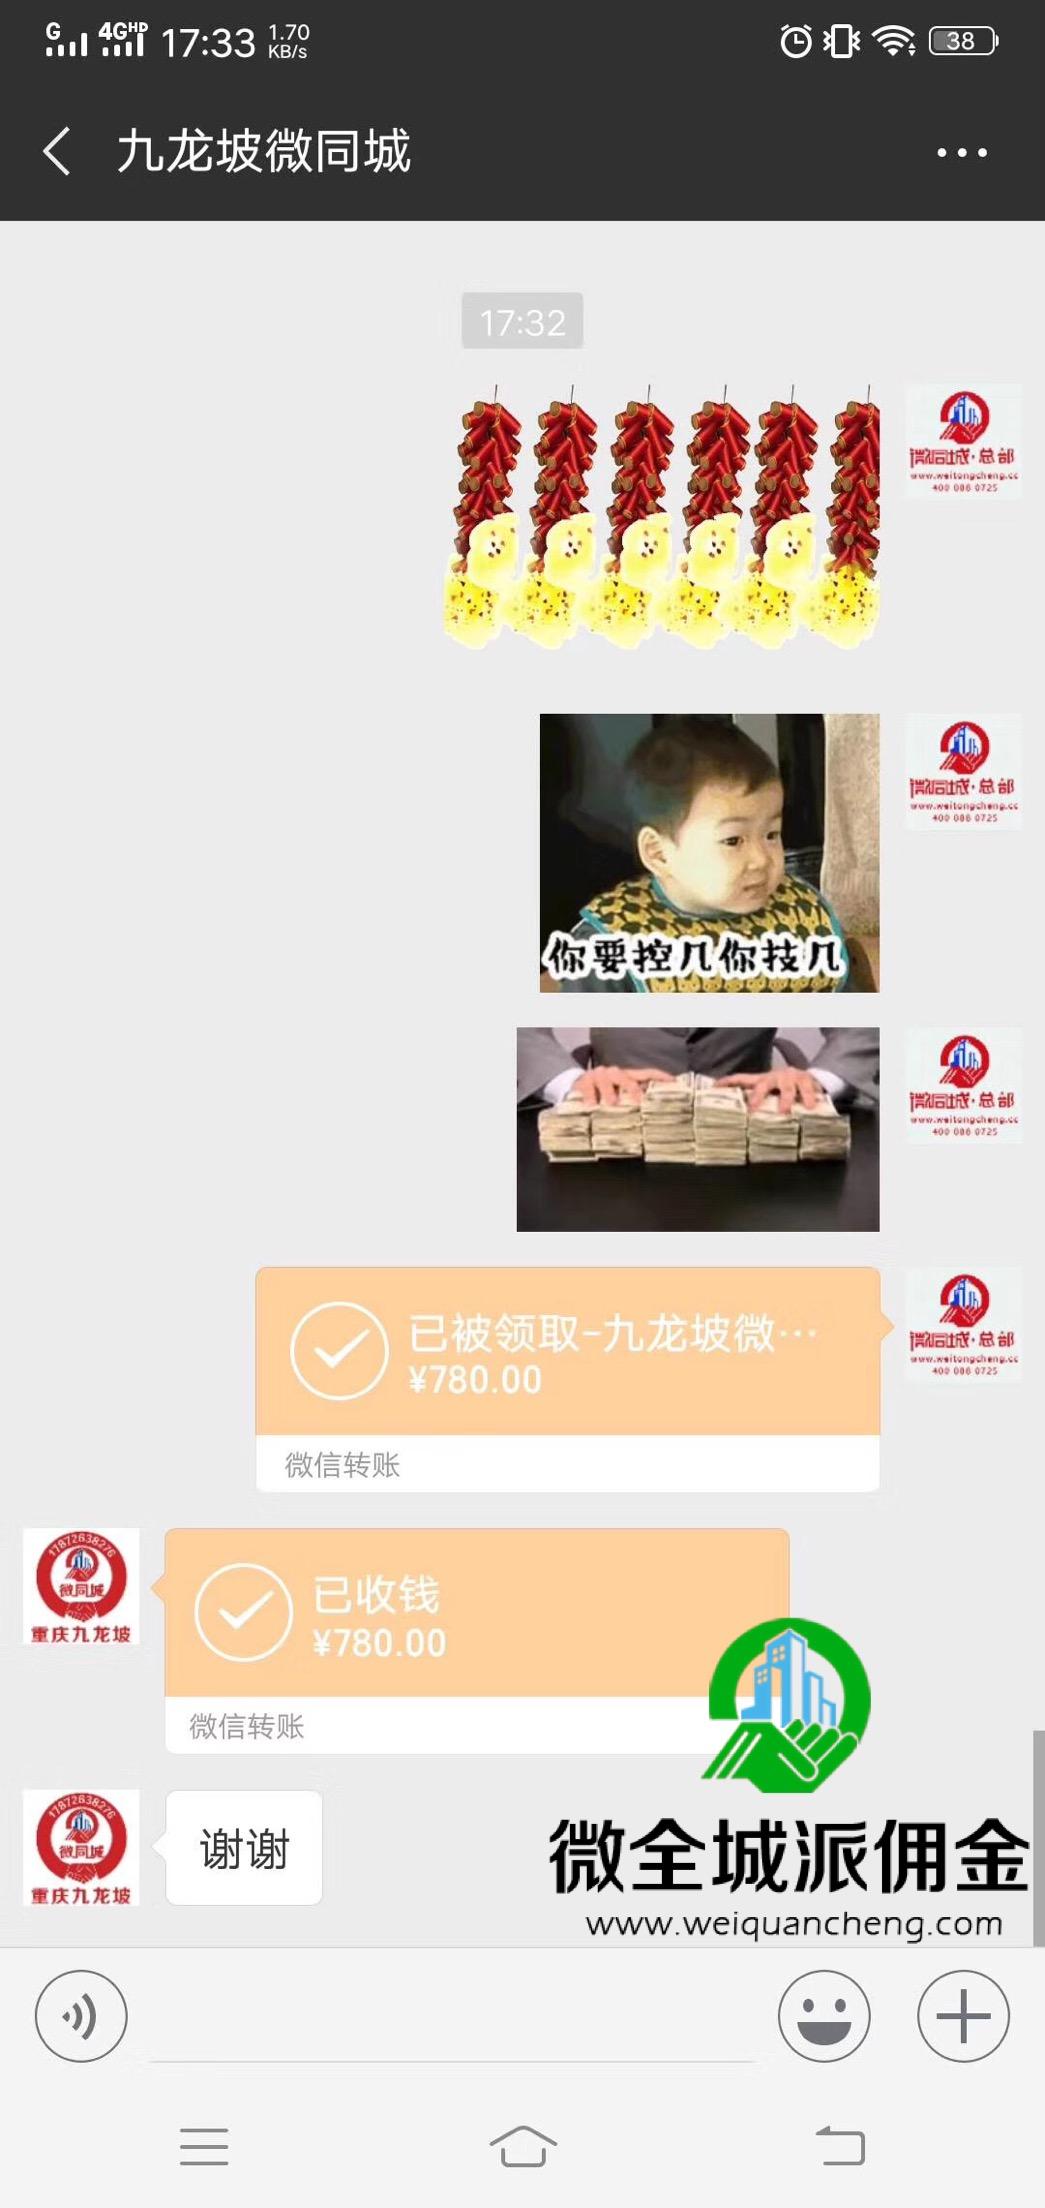 【赚960元】重庆九龙坡微全城微帮广告佣金